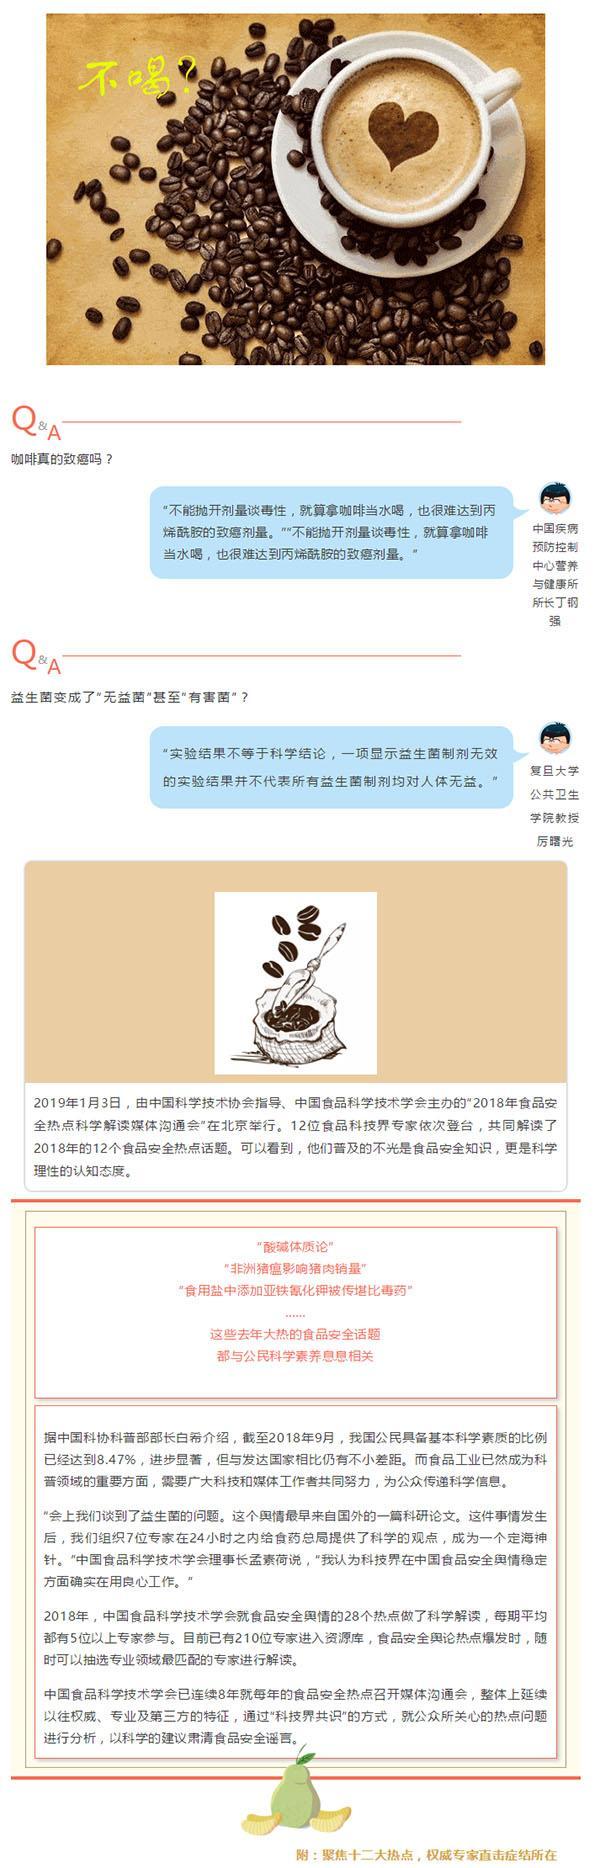 【網絡謠言粉碎機】如何肅清食品安全謠言?12位專家有話說